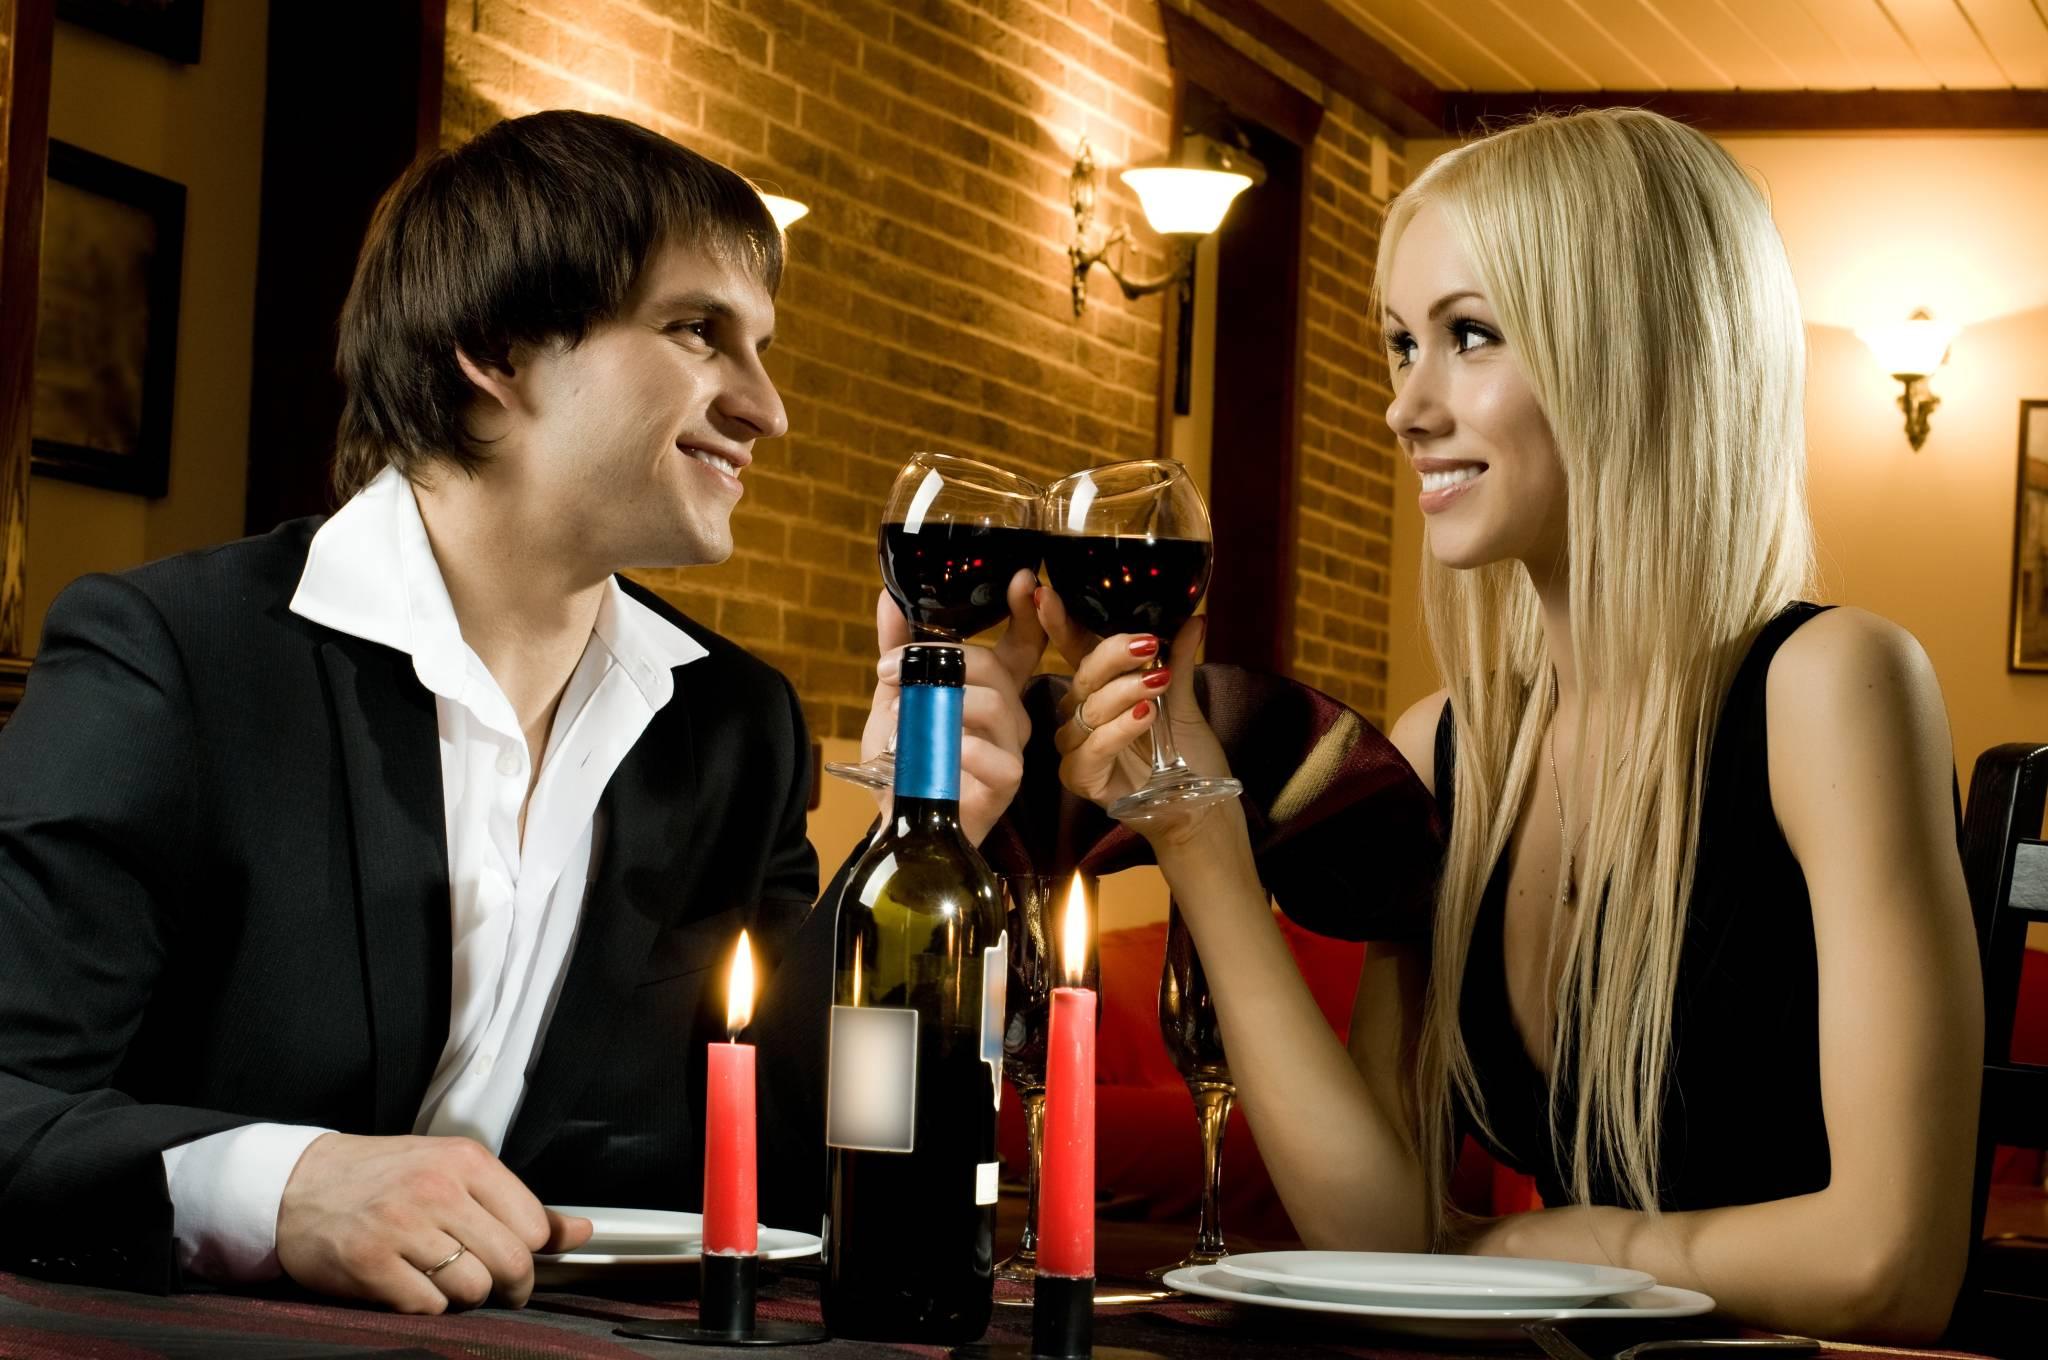 Сексы в ресторане 27 фотография